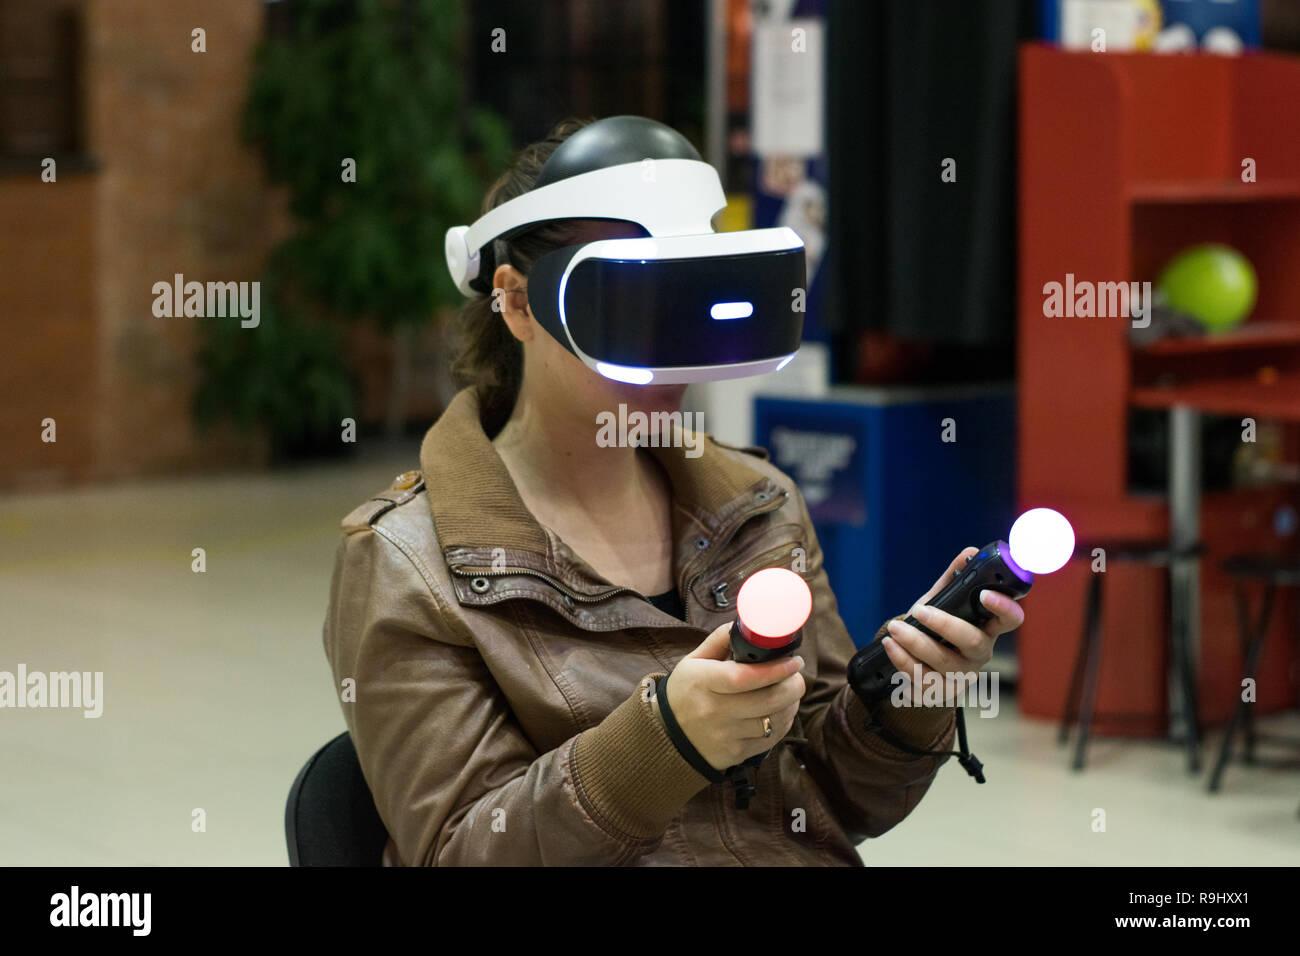 En fille casque VR qui profitant de jeu. La réalité virtuelle. L'adolescent au casque VR avec joysticks Banque D'Images